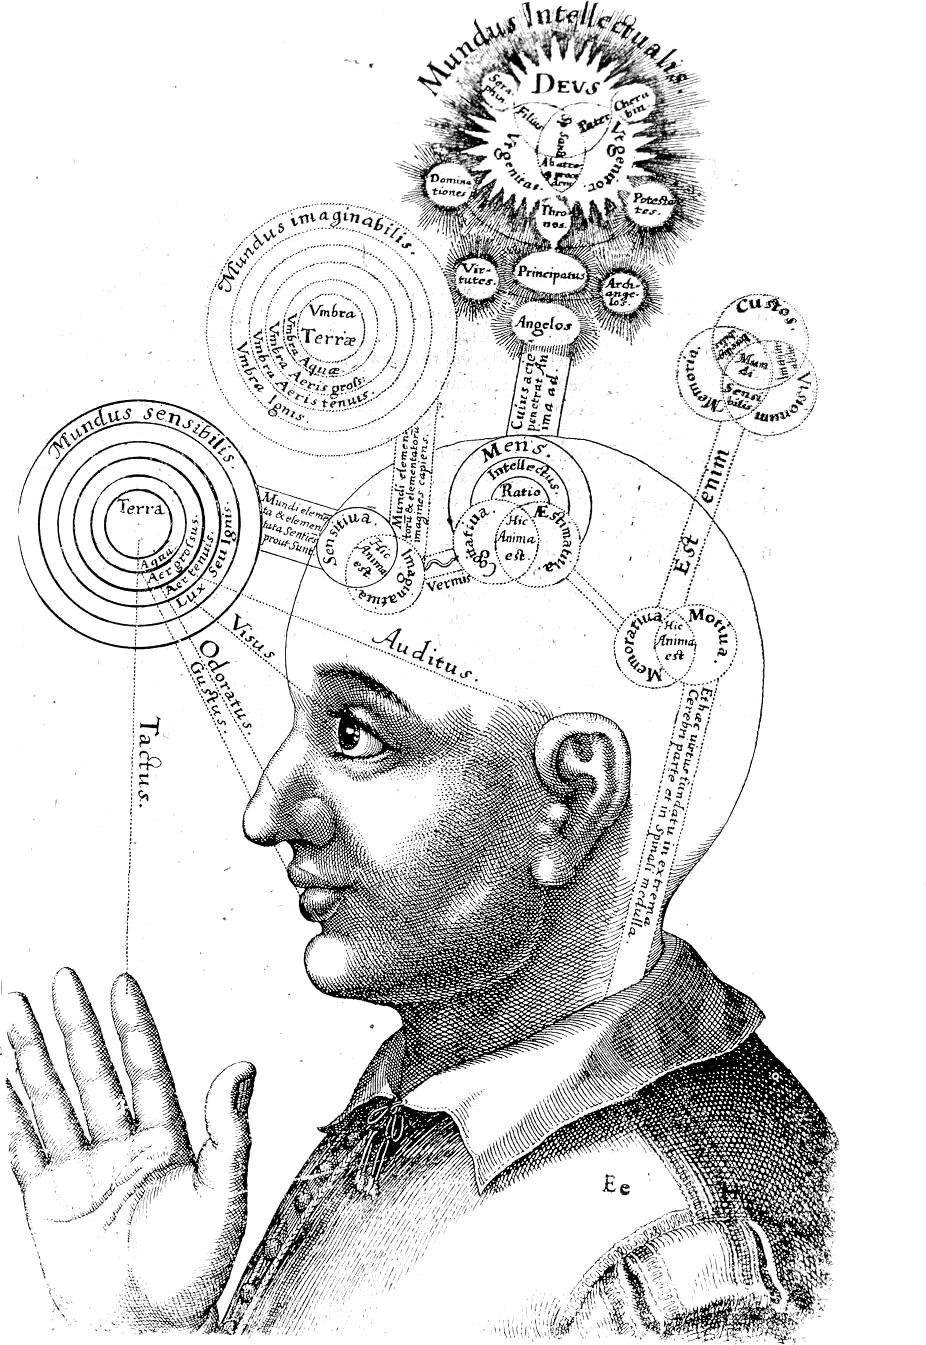 Robert Fludd (1574-1637) //Utriusque cosmi maioris scilicet et minoris metaphisica//. Oppenhemii 1619.